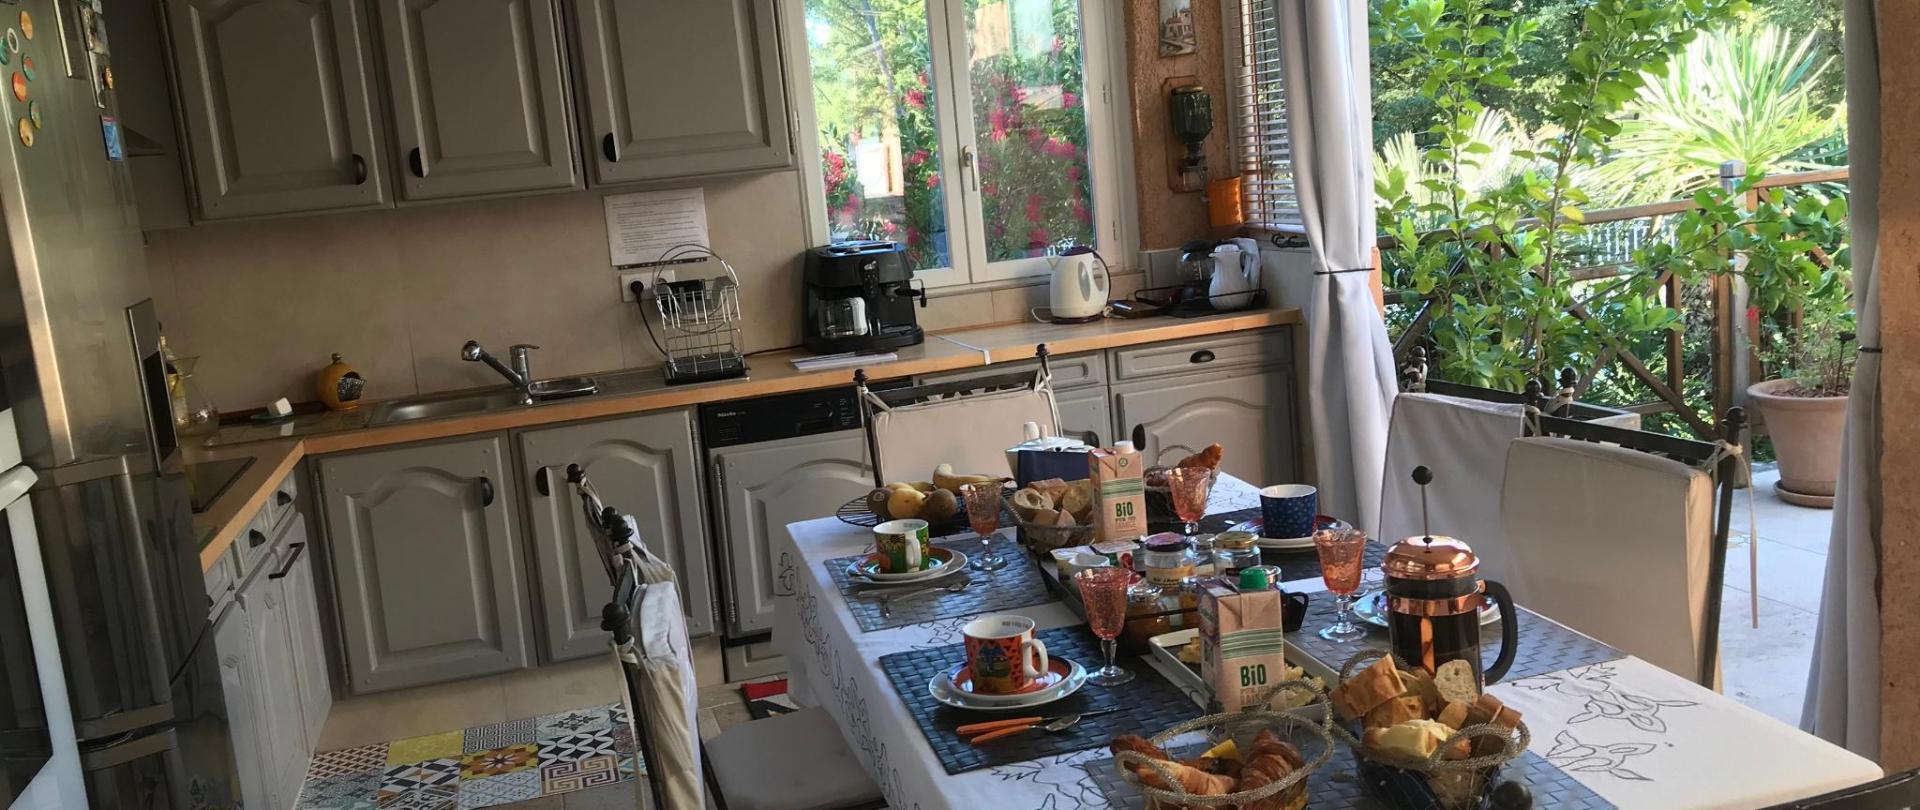 nouvelle cuisine d'été.jpg